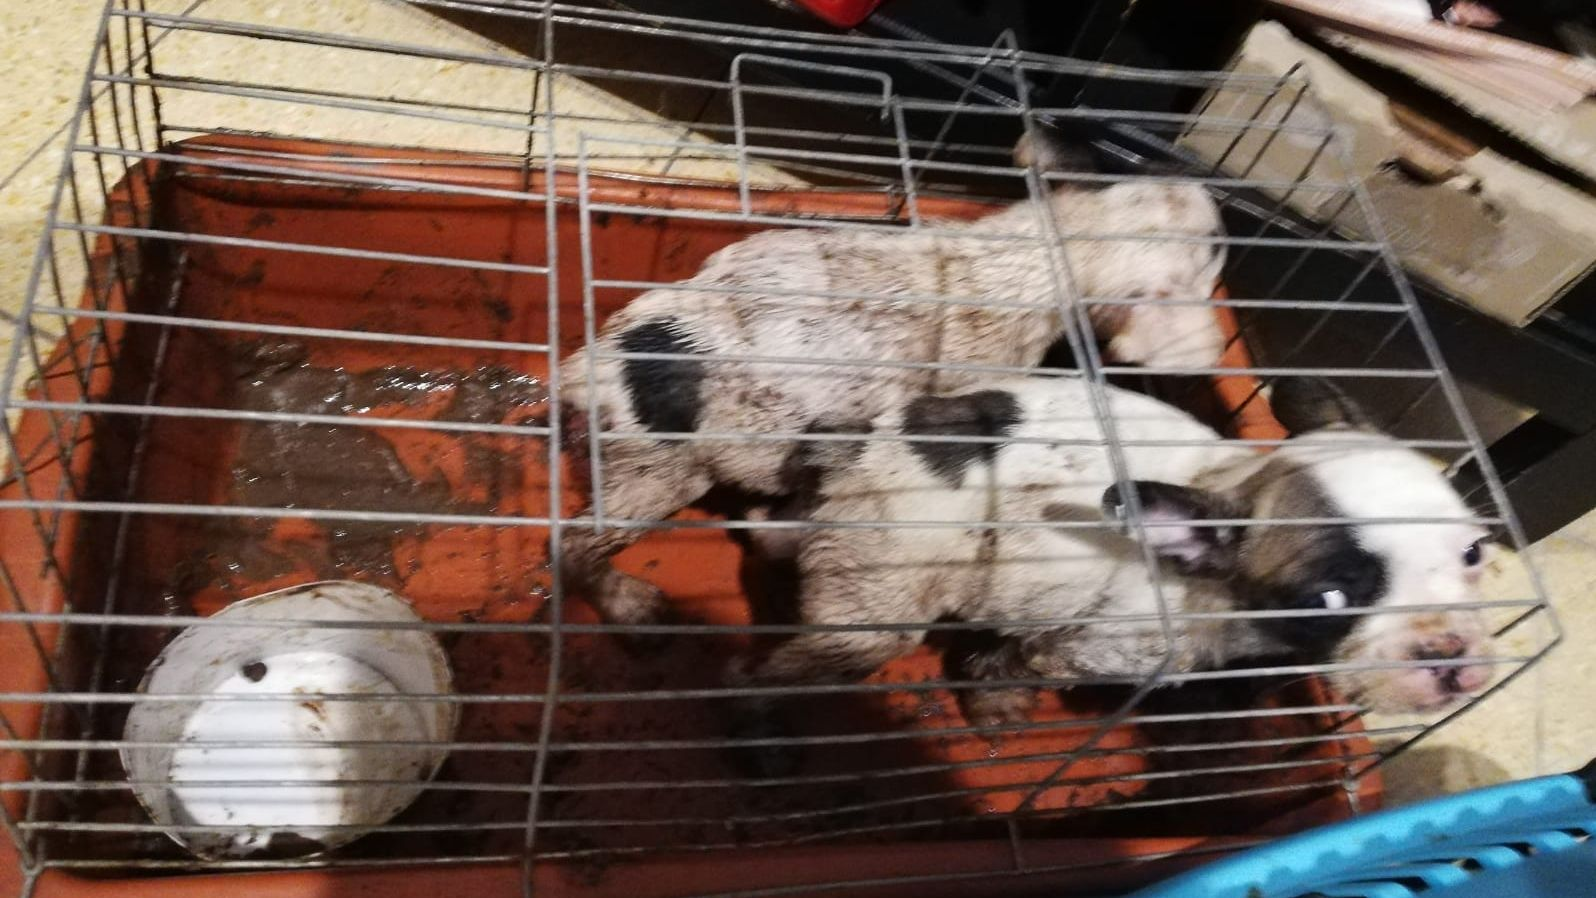 Zwei Hundewelpen in einem verdreckten Transportkäfig.